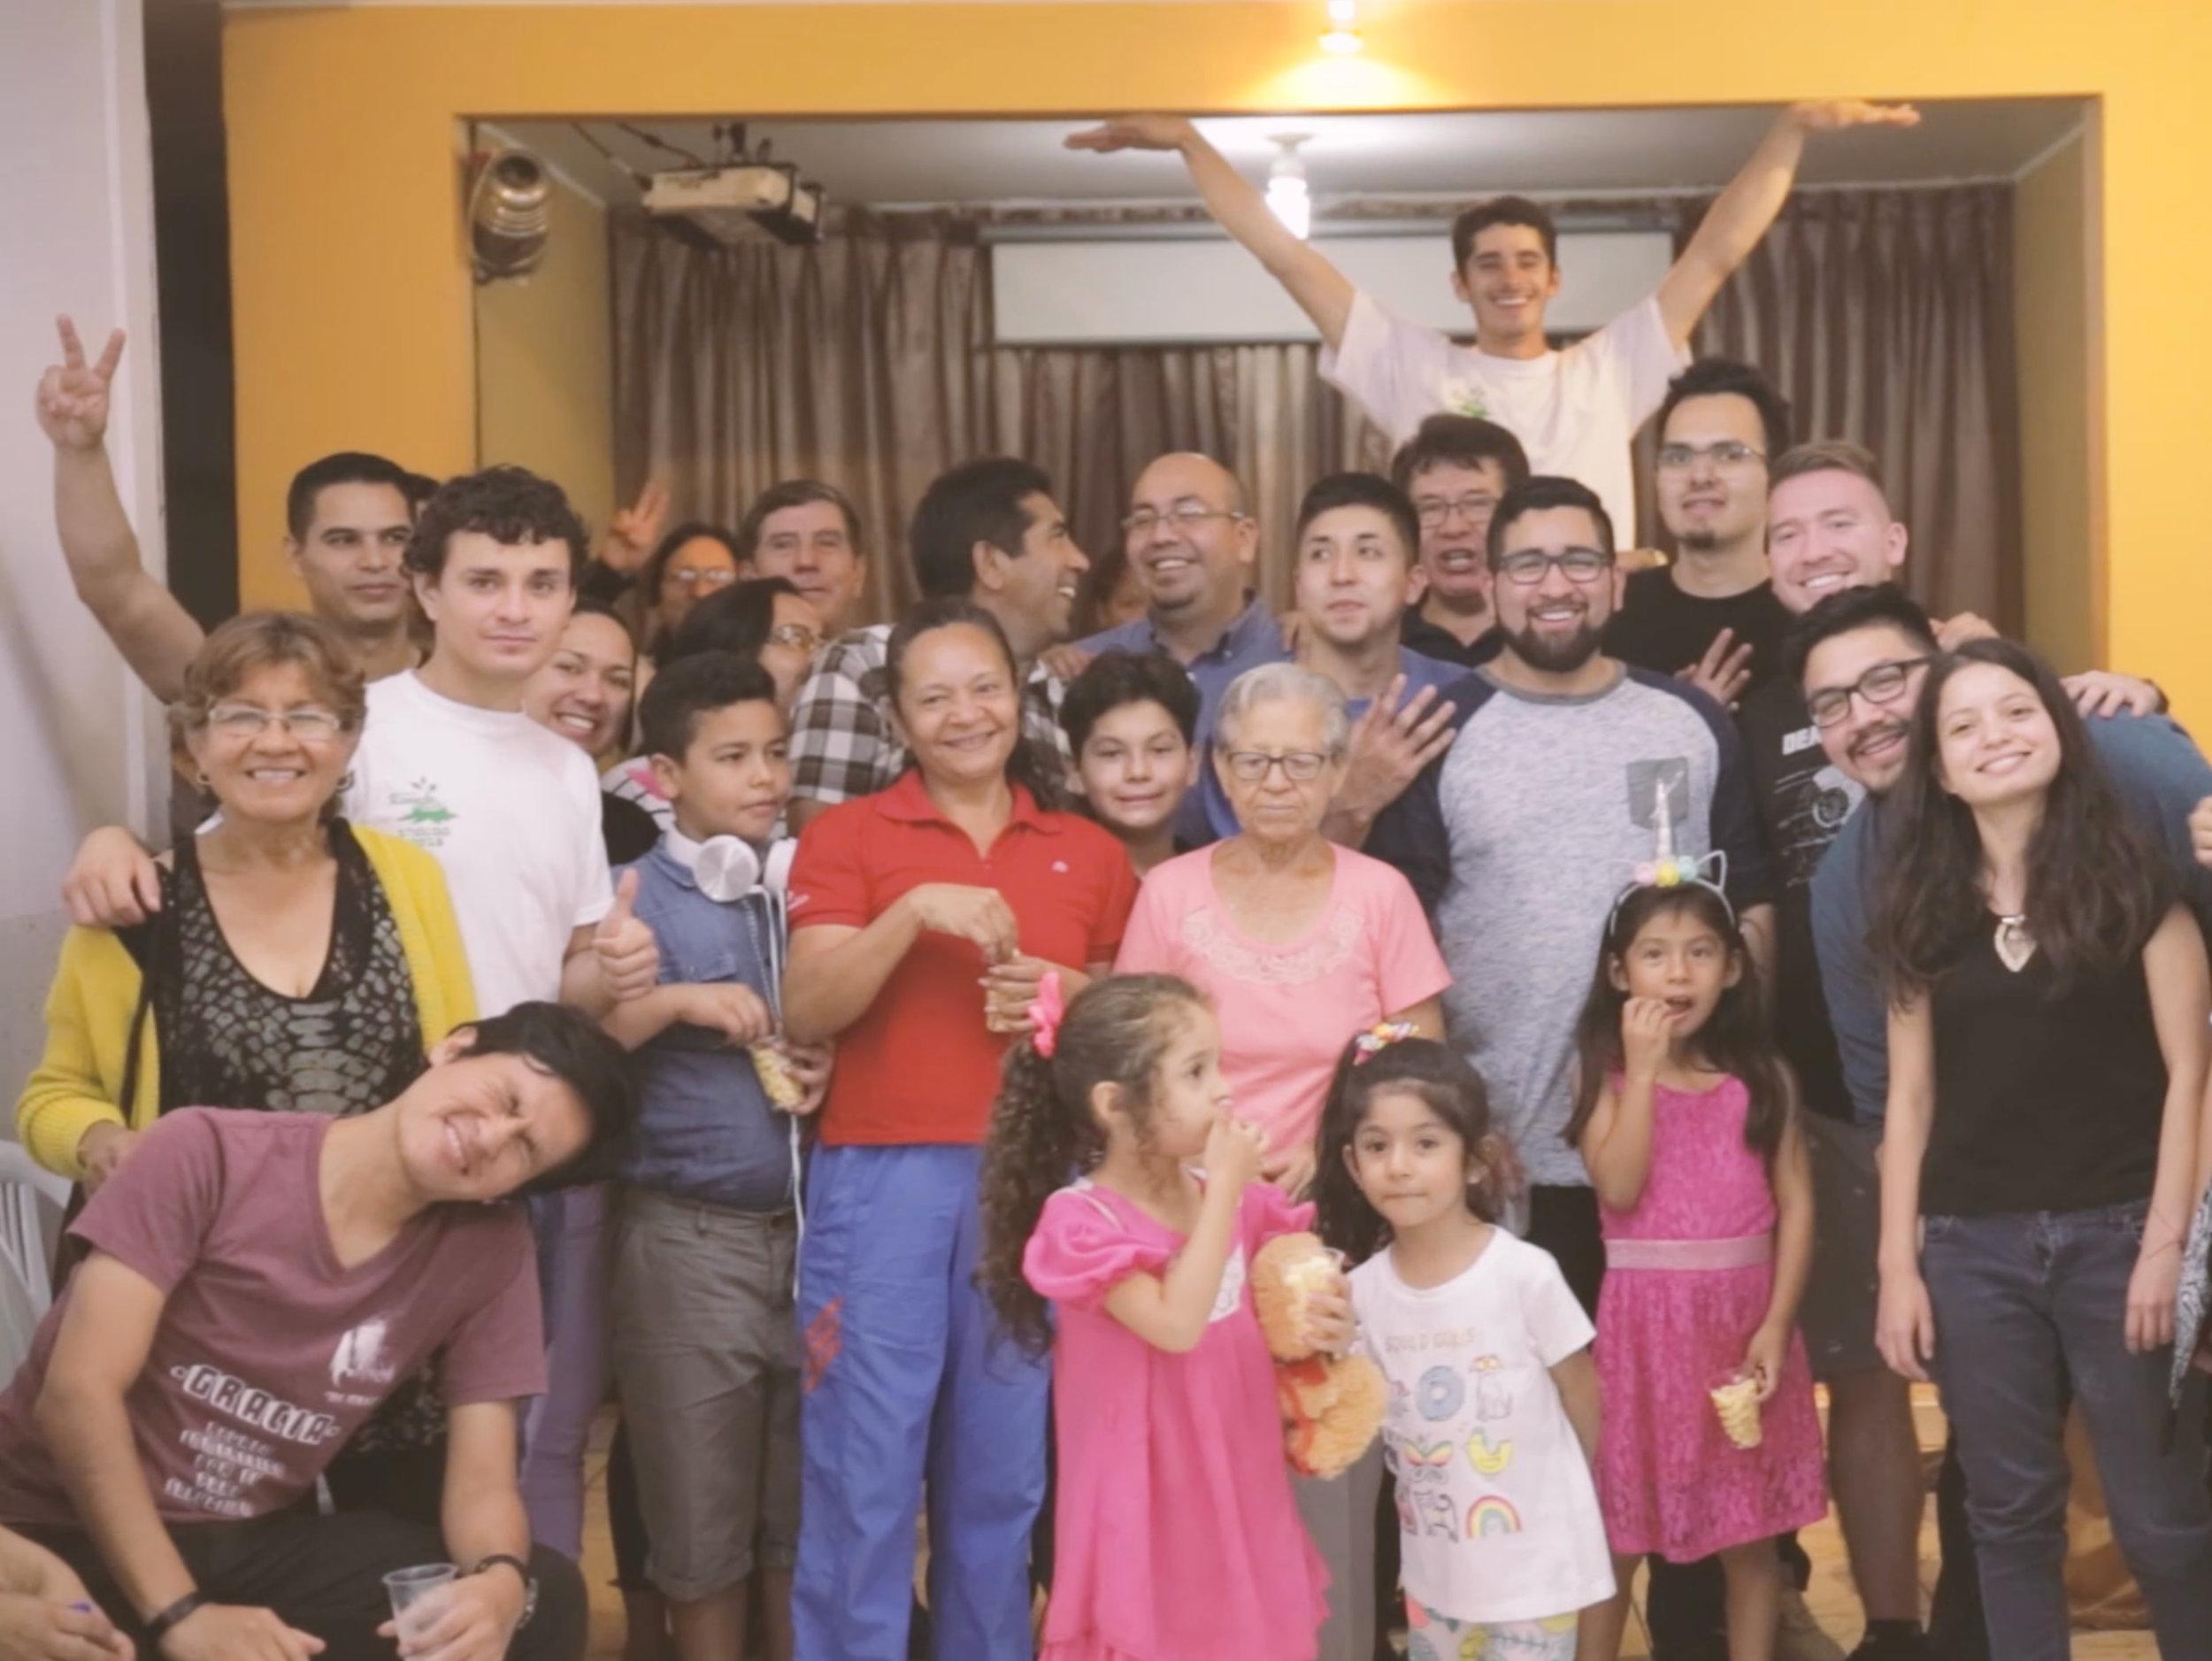 Peru for Jesus - Scouting Trip